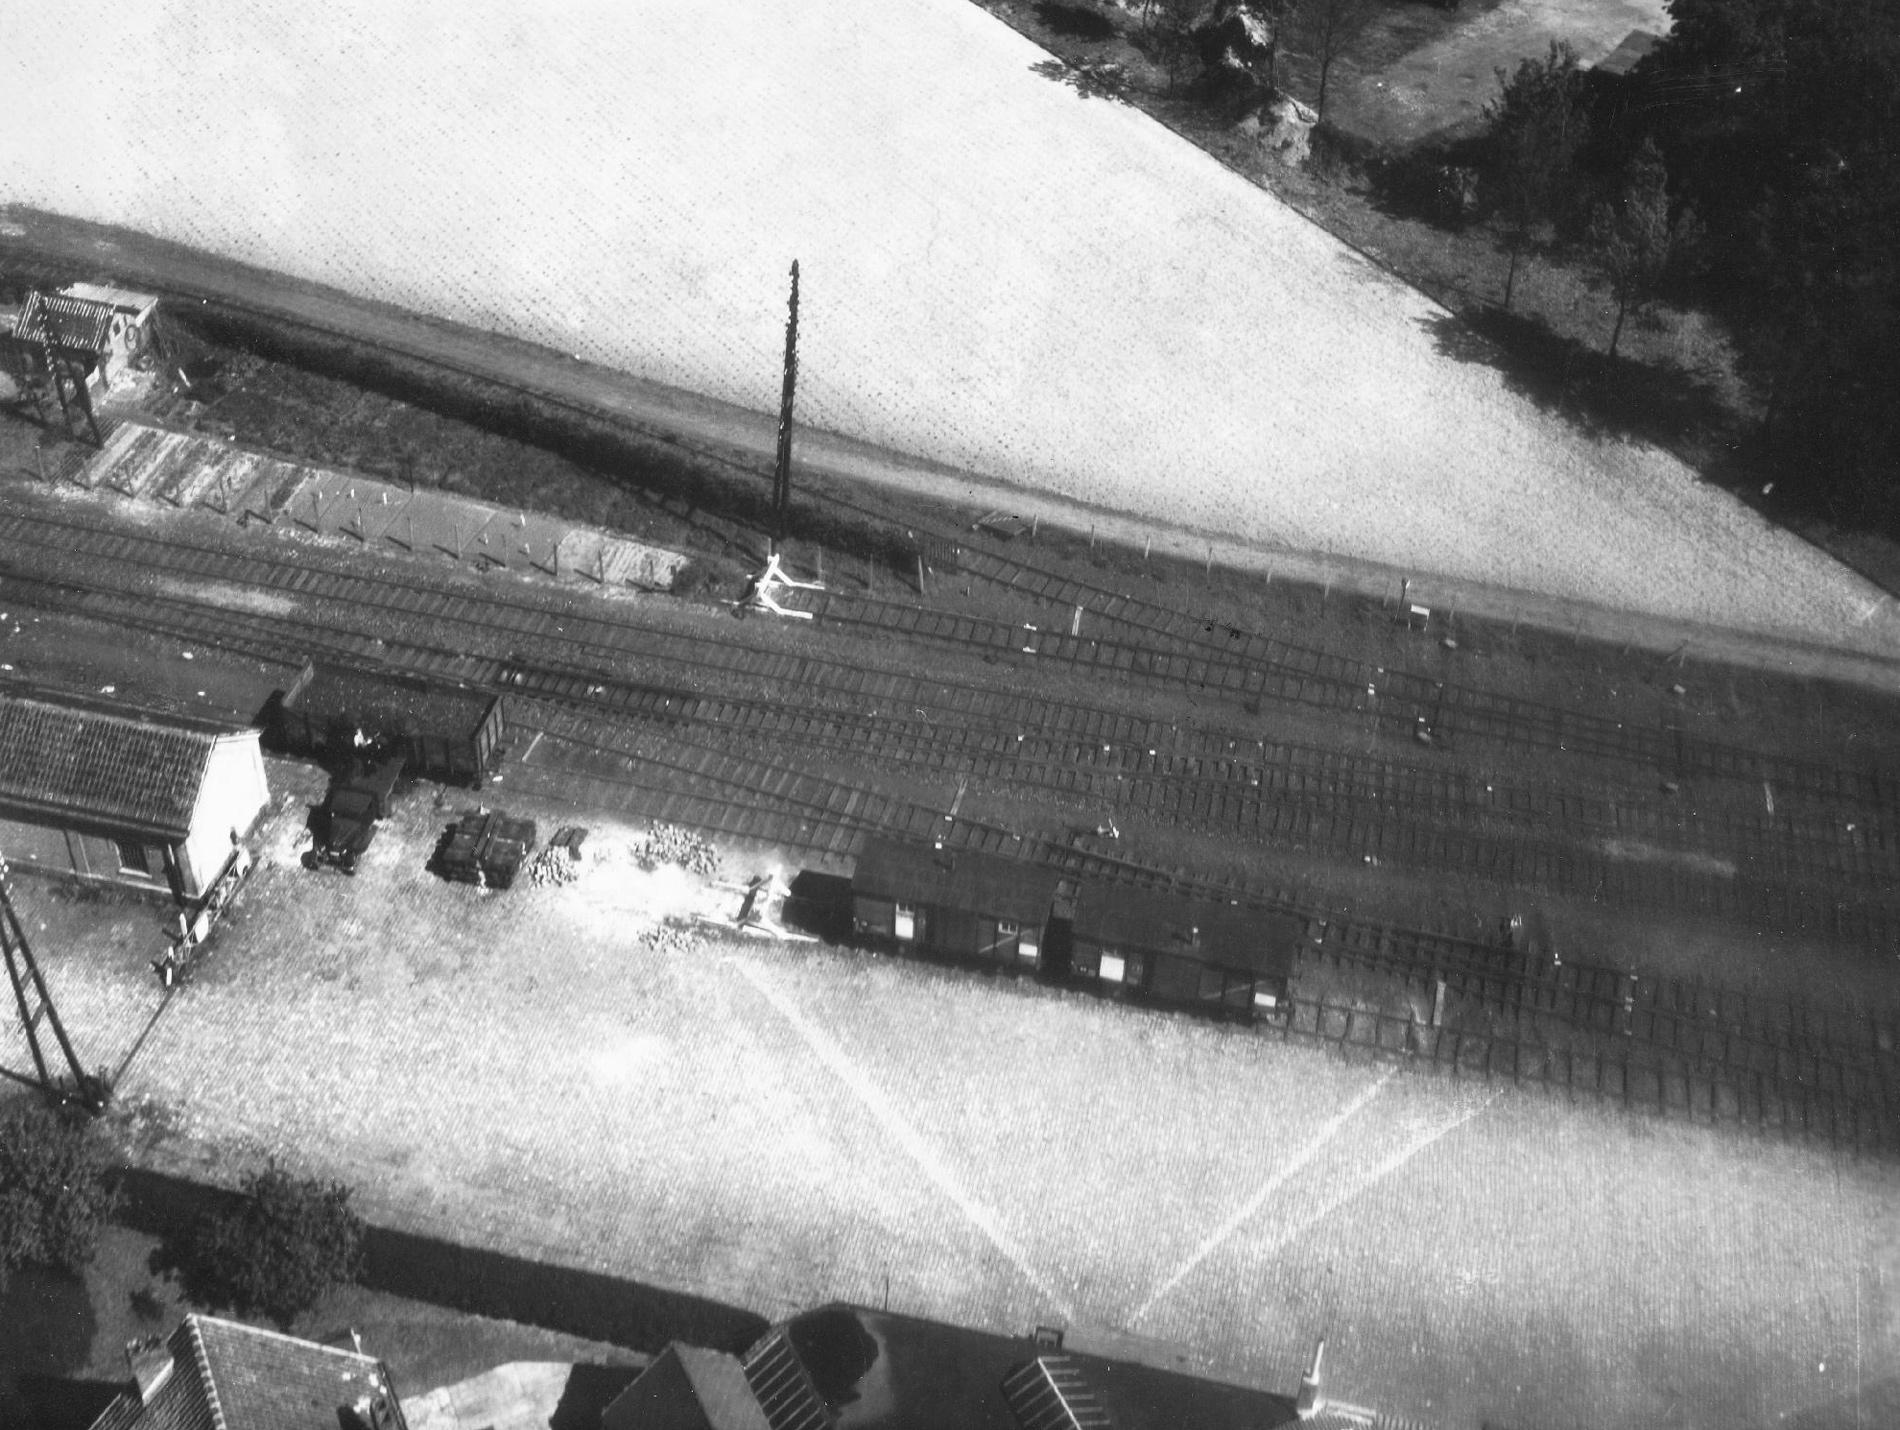 Unbekanntes Luftbild 1945 (Zweiter Weltkrieg): Güterbahnhof, vermutlich Niederlande